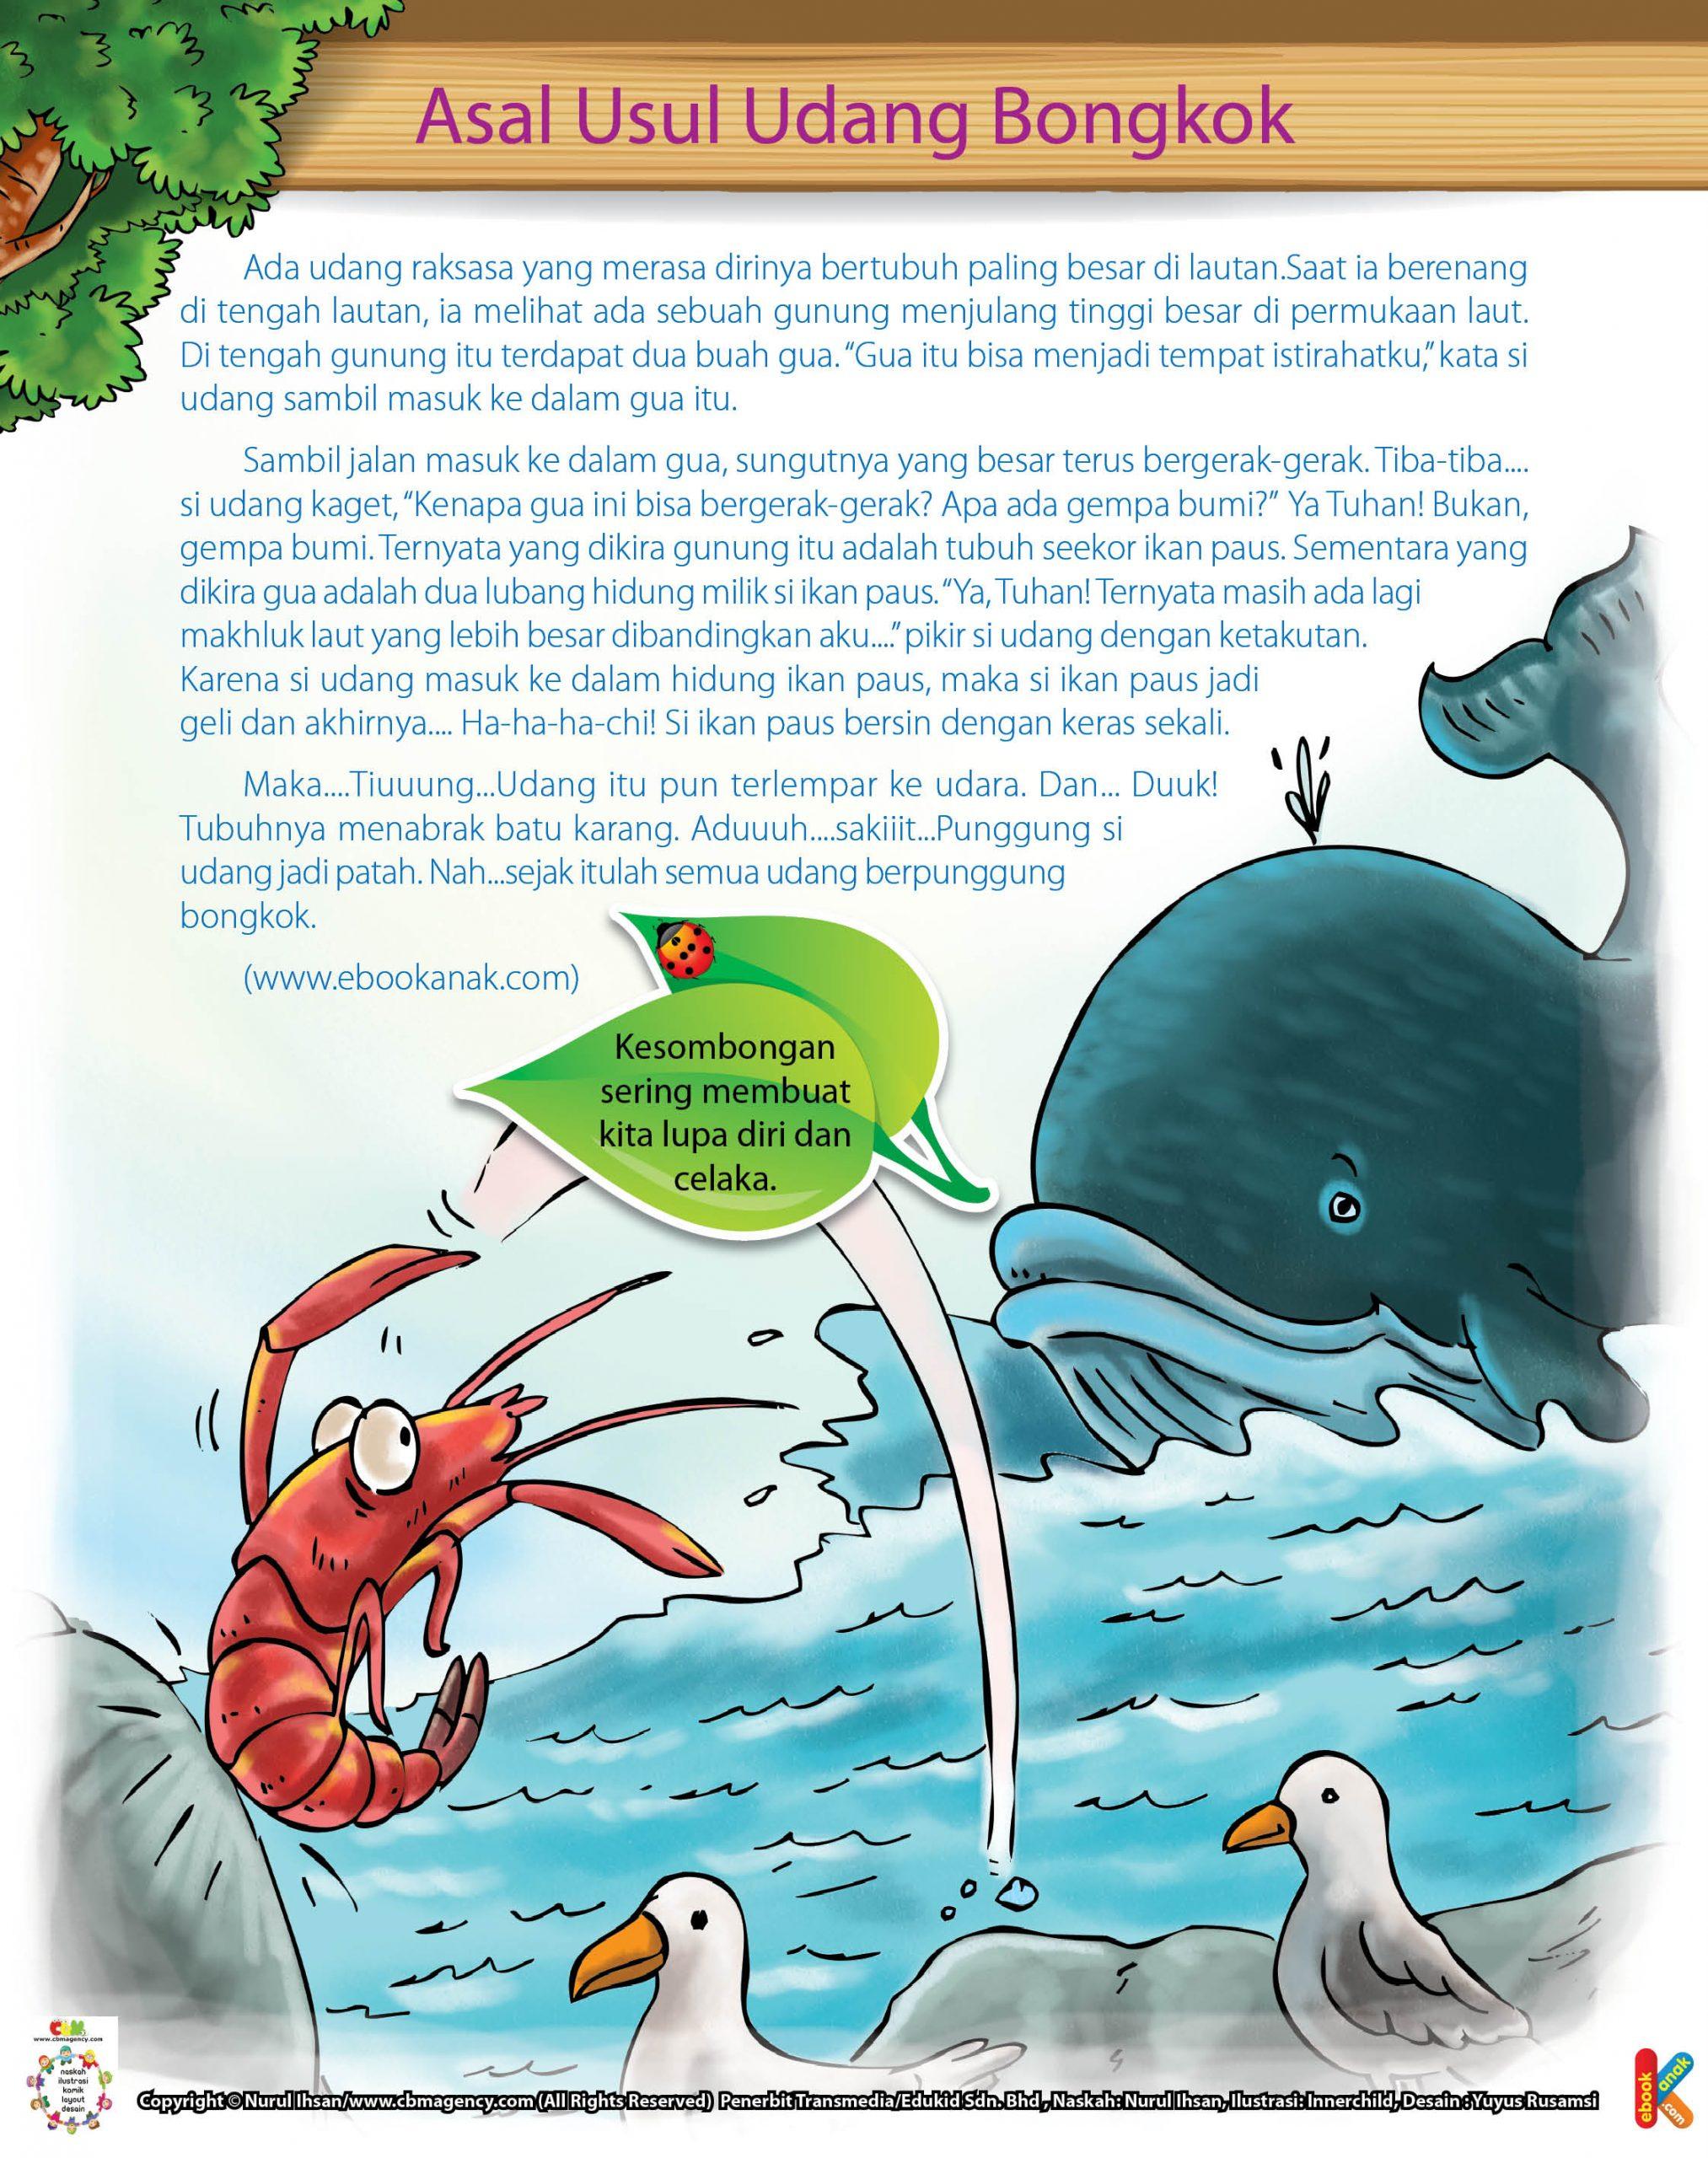 Saat udang raksasa berenang di tengah lautan, ia melihat ada sebuah gunung menjulang tinggi besar dan gua di permukaan laut.